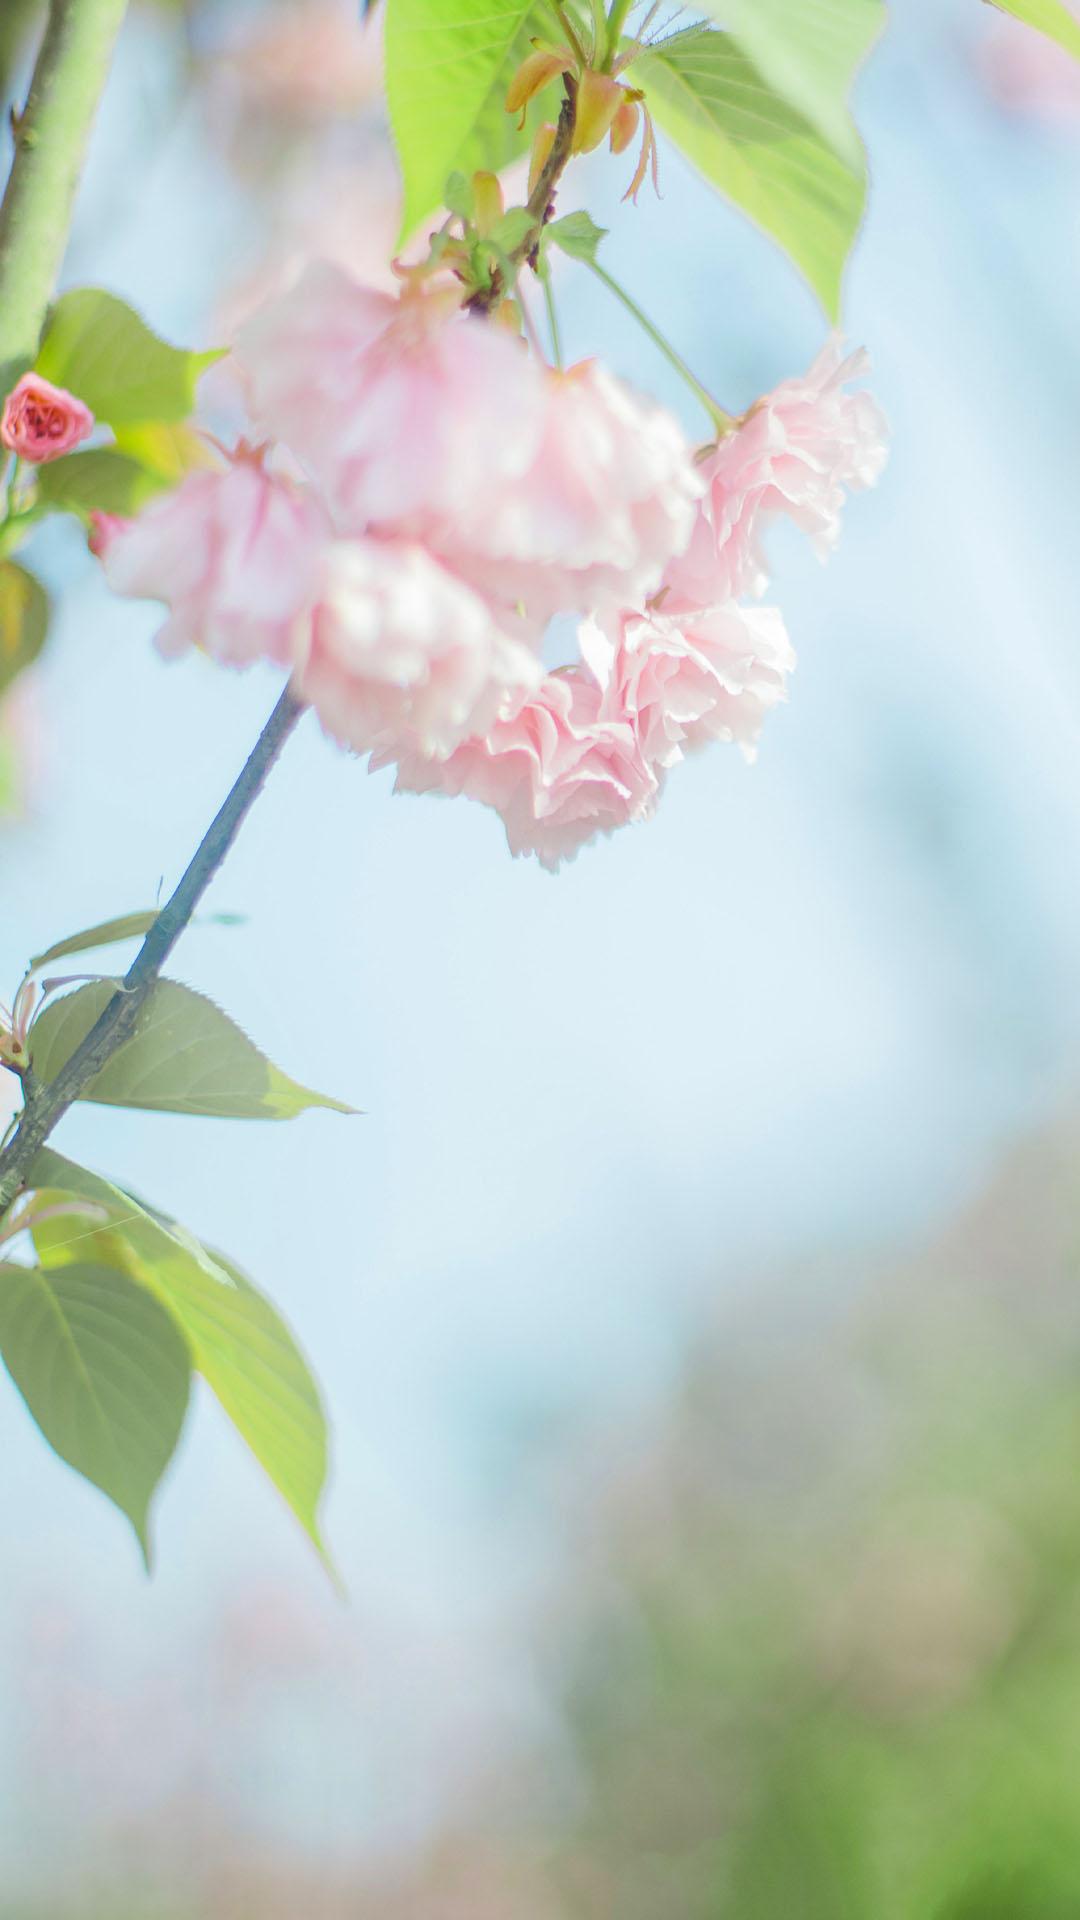 【v粉壁纸】樱花唯美风景高清手机壁纸